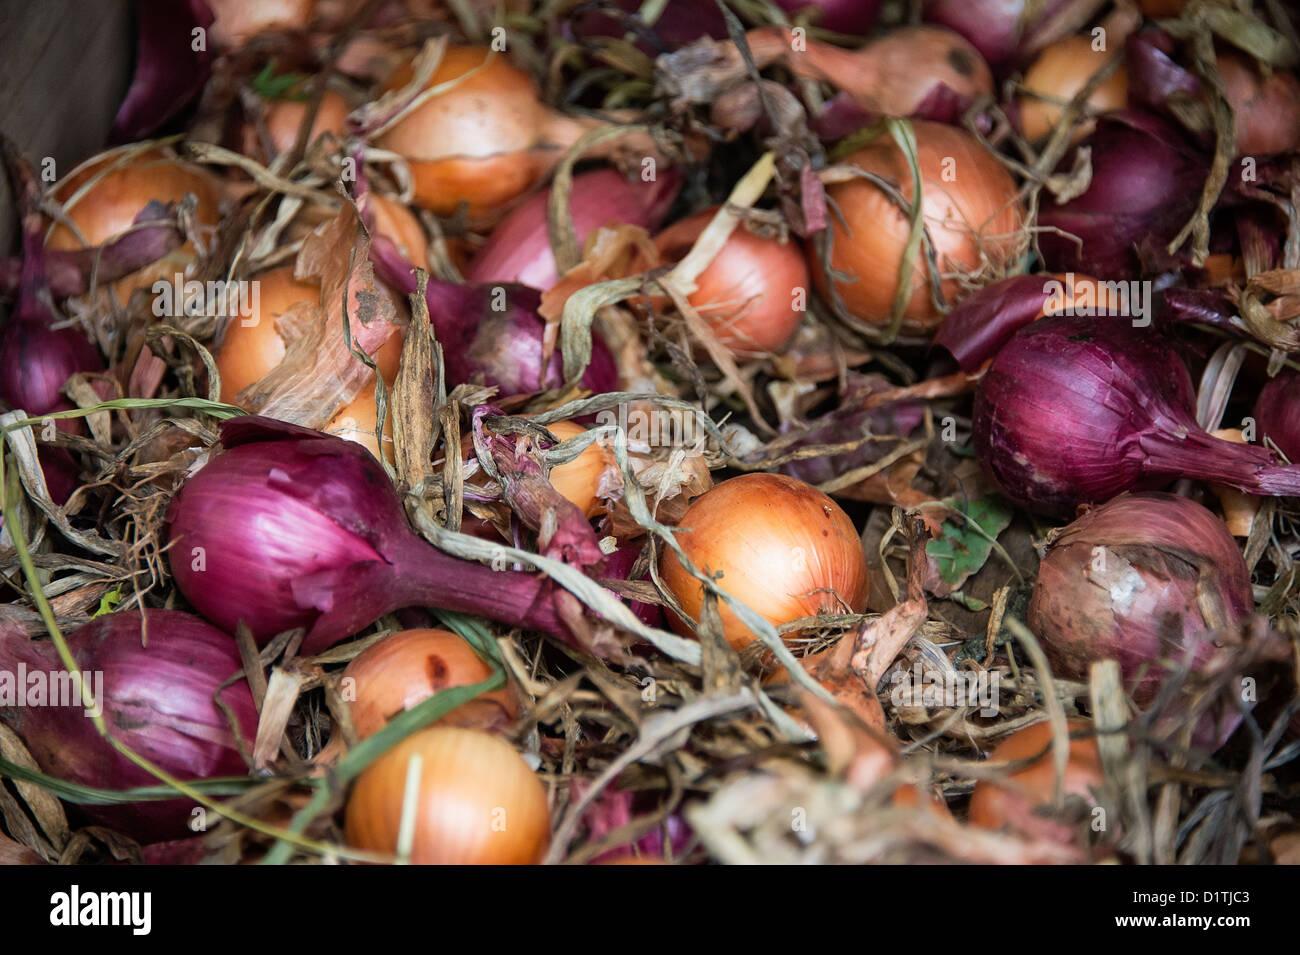 Frisch geerntete Zwiebeln, Allium cepa Stockbild